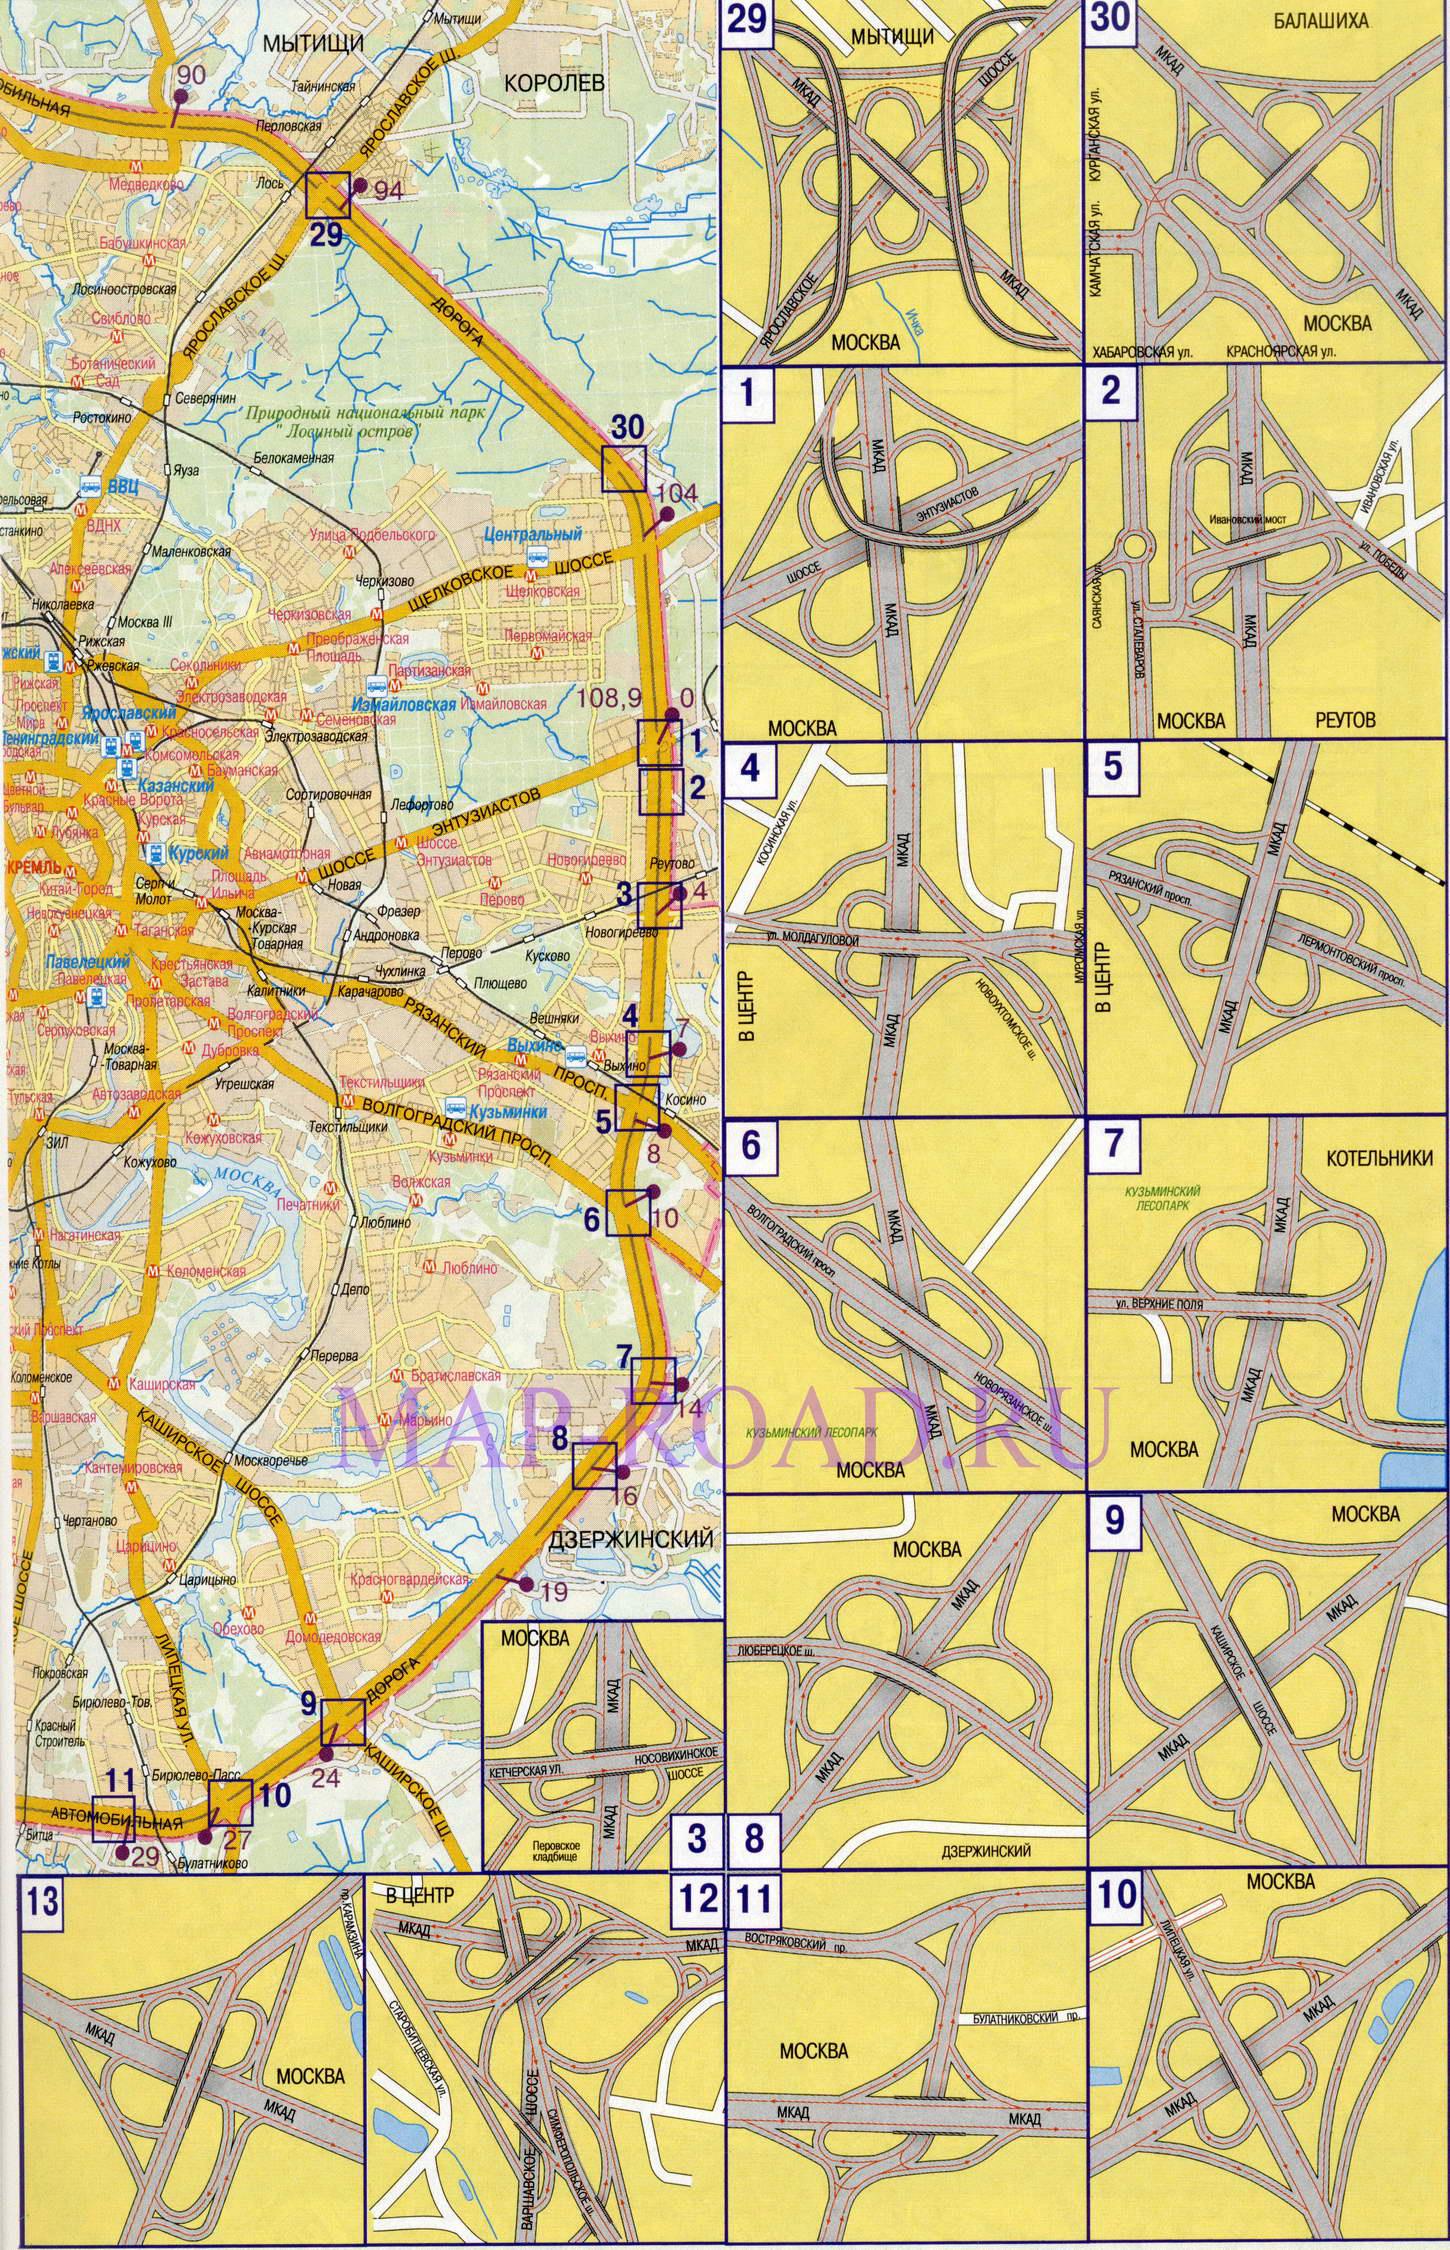 Бесплатно скачать подробную карту Москвы с развязками на МКАД.  2011 - 2013 RUS Maps - все карты России в одном месте.